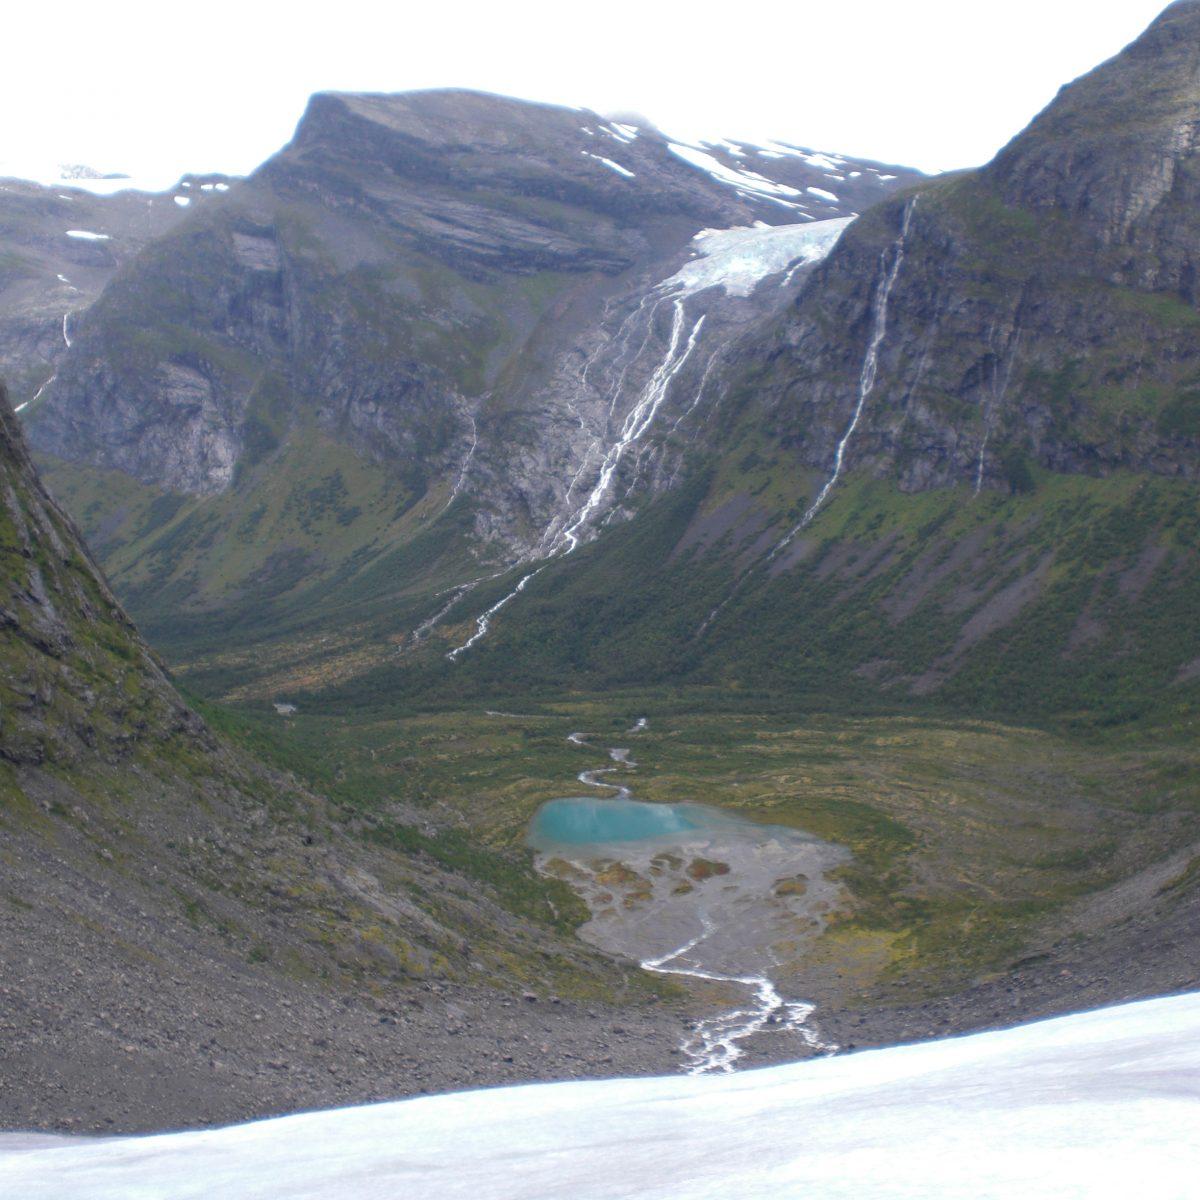 Gletscherwanderung mit traumhaftem Blick